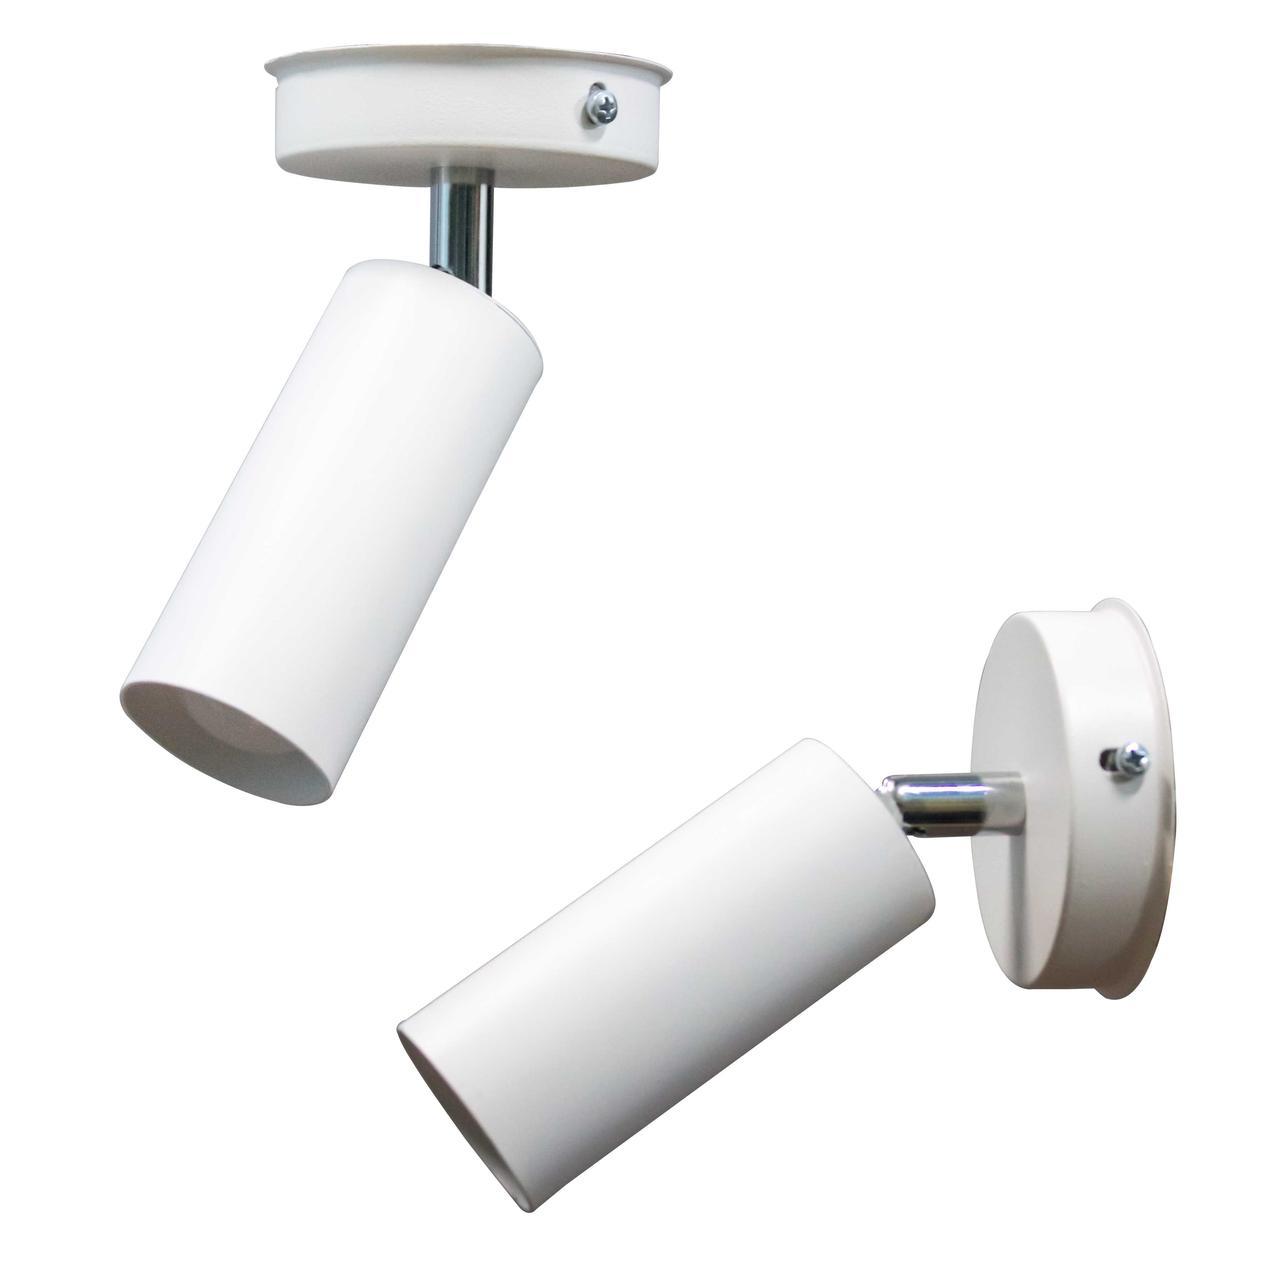 Светильник в стиле лофт MSK Electric Tube спот с поворотным механизмом NL 1105-1 W